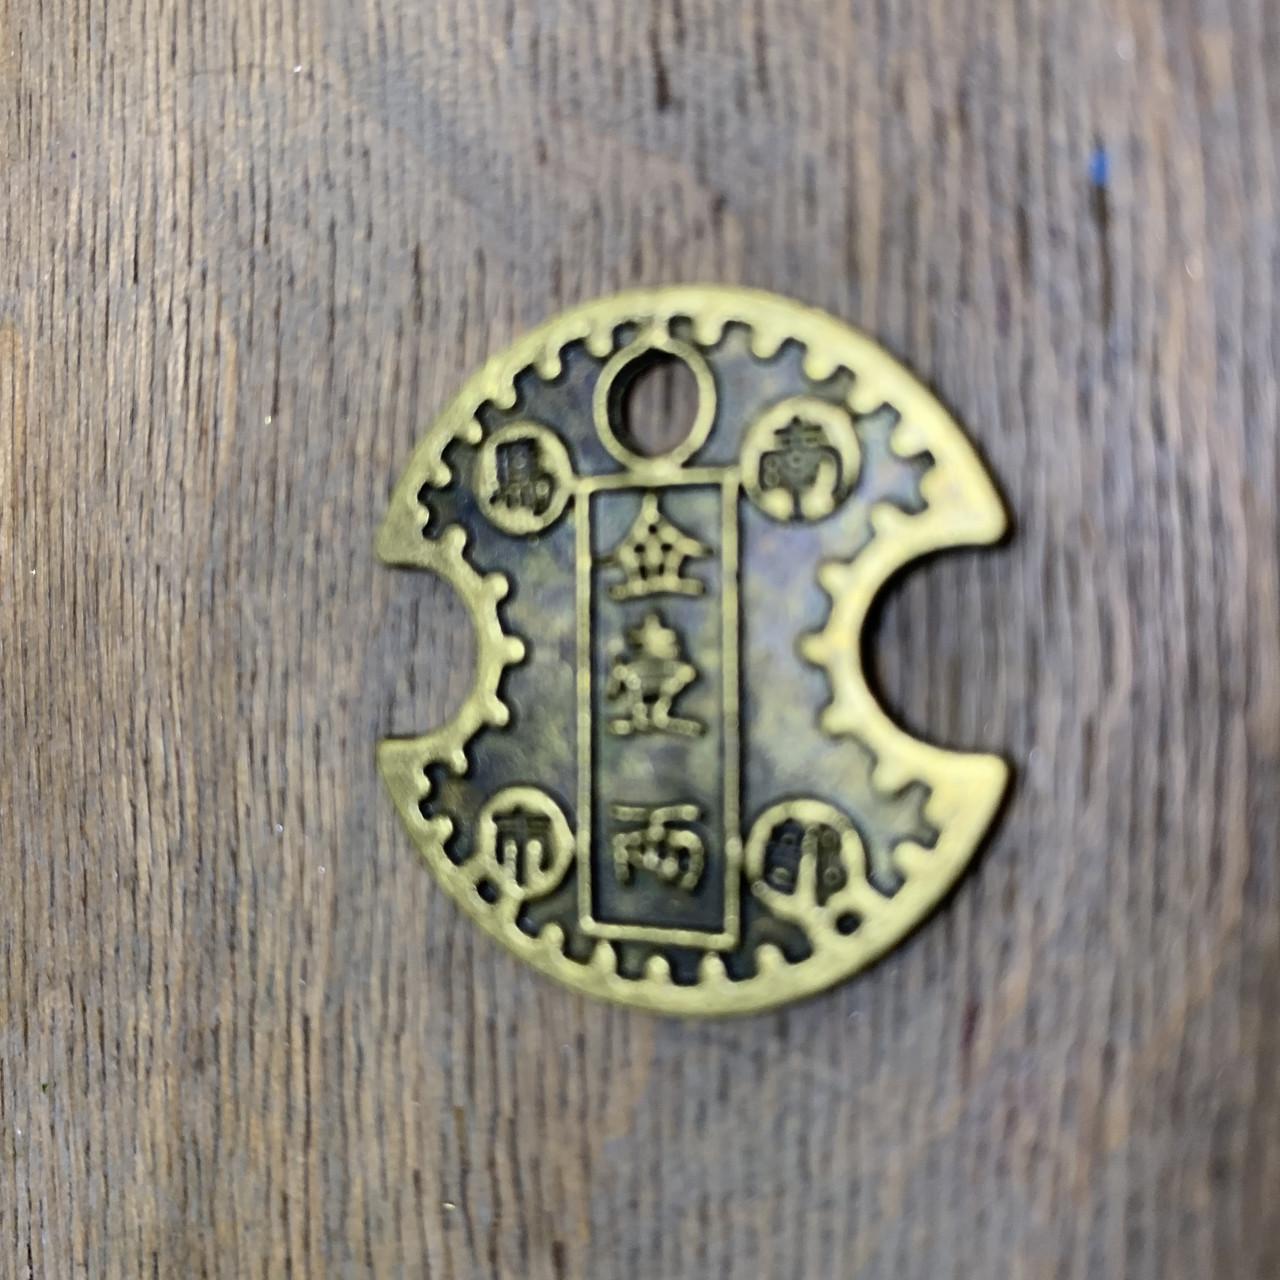 Монеты  фен-шуй  (не разменная) под старину